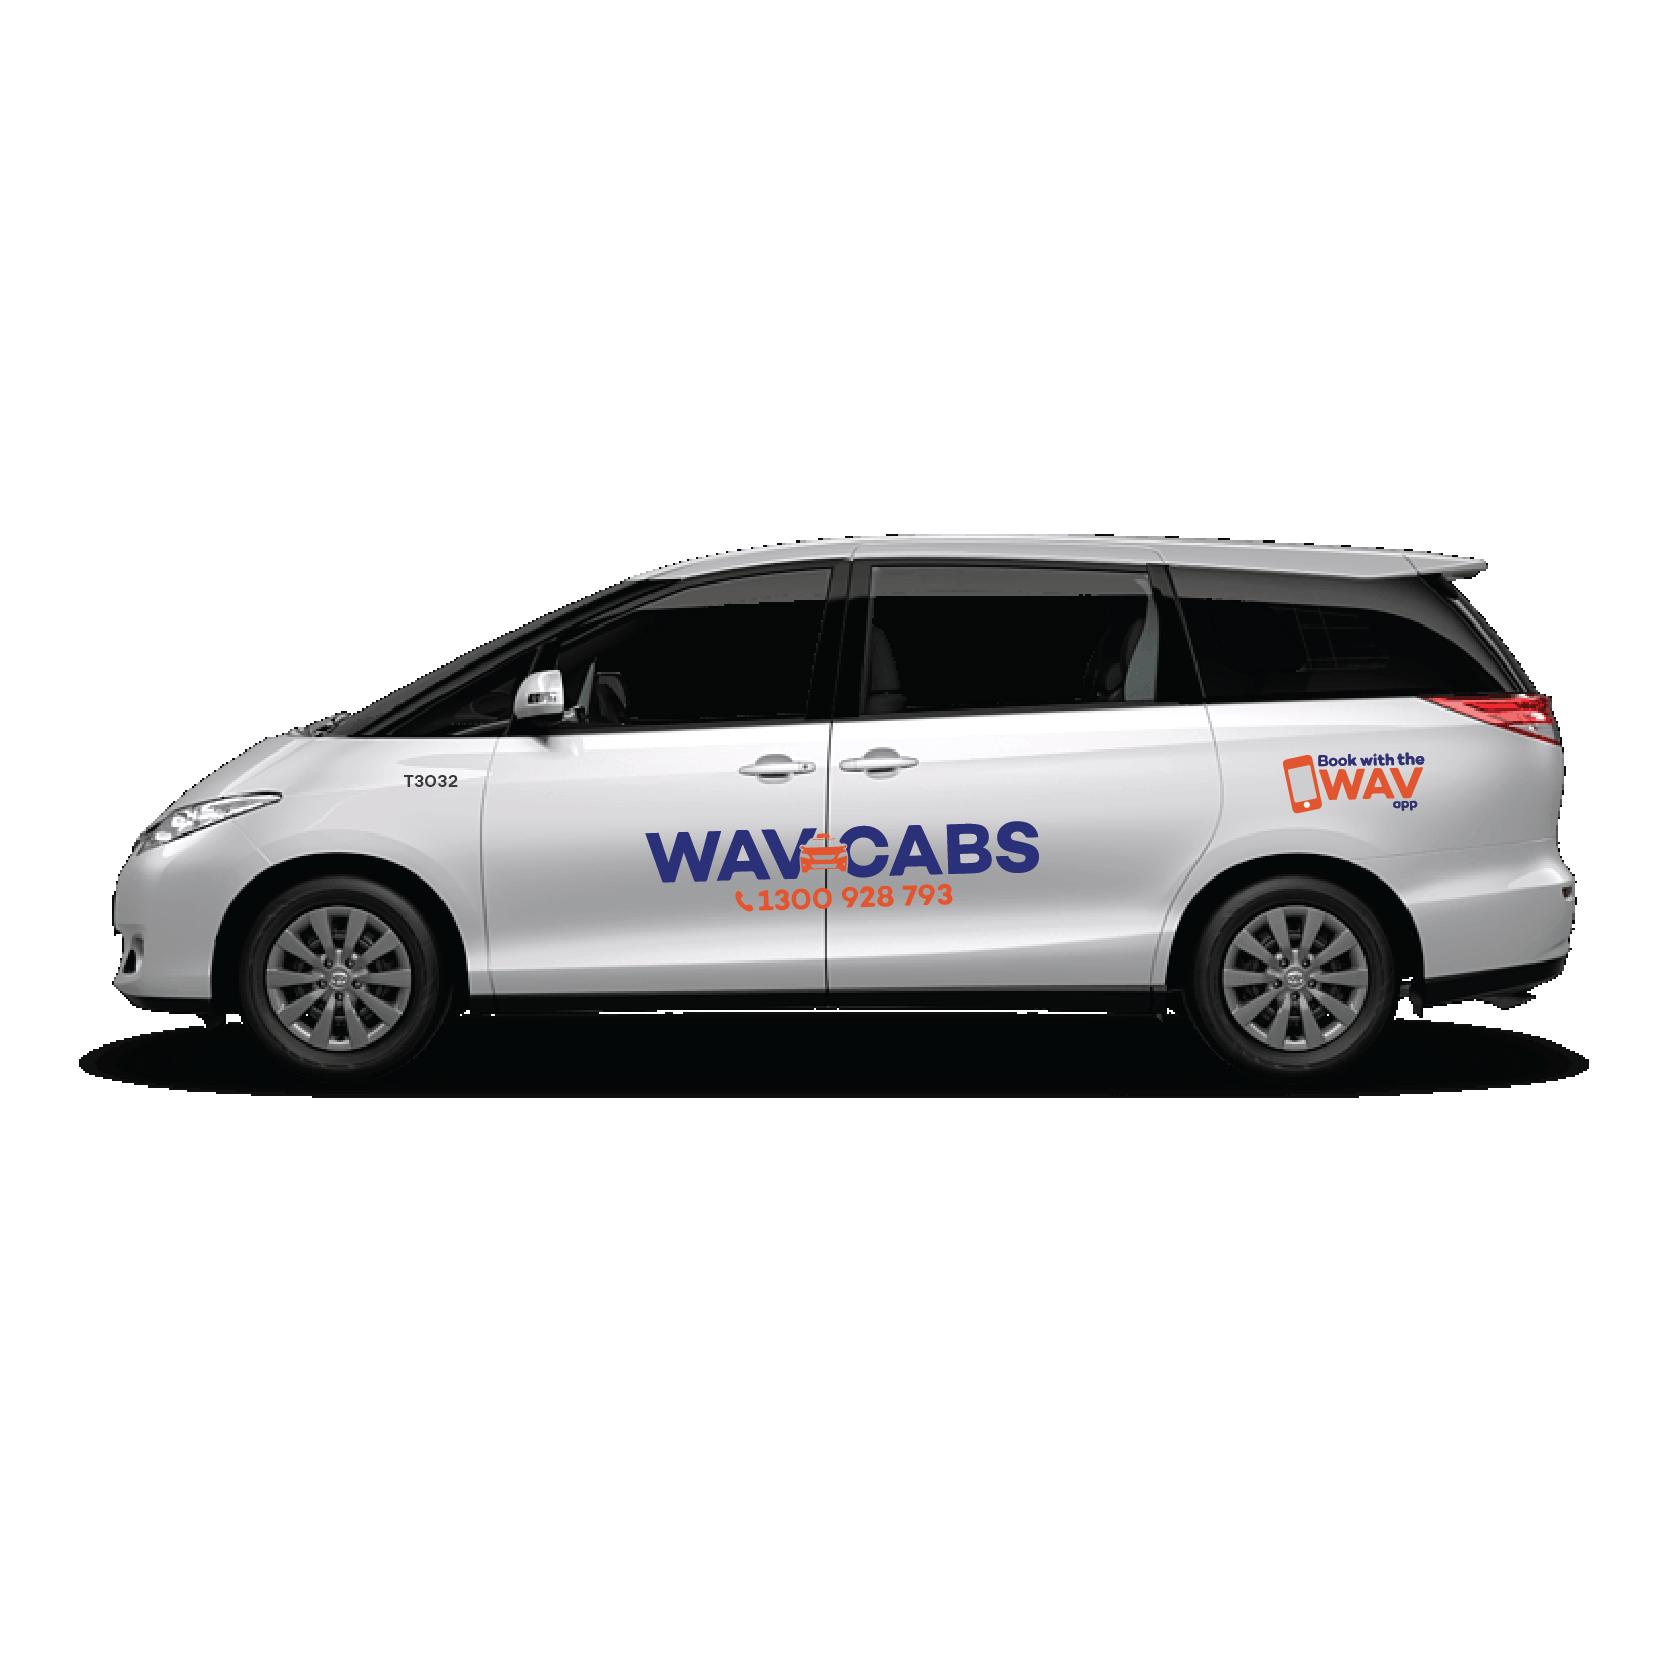 Maxi Cab Tarrago